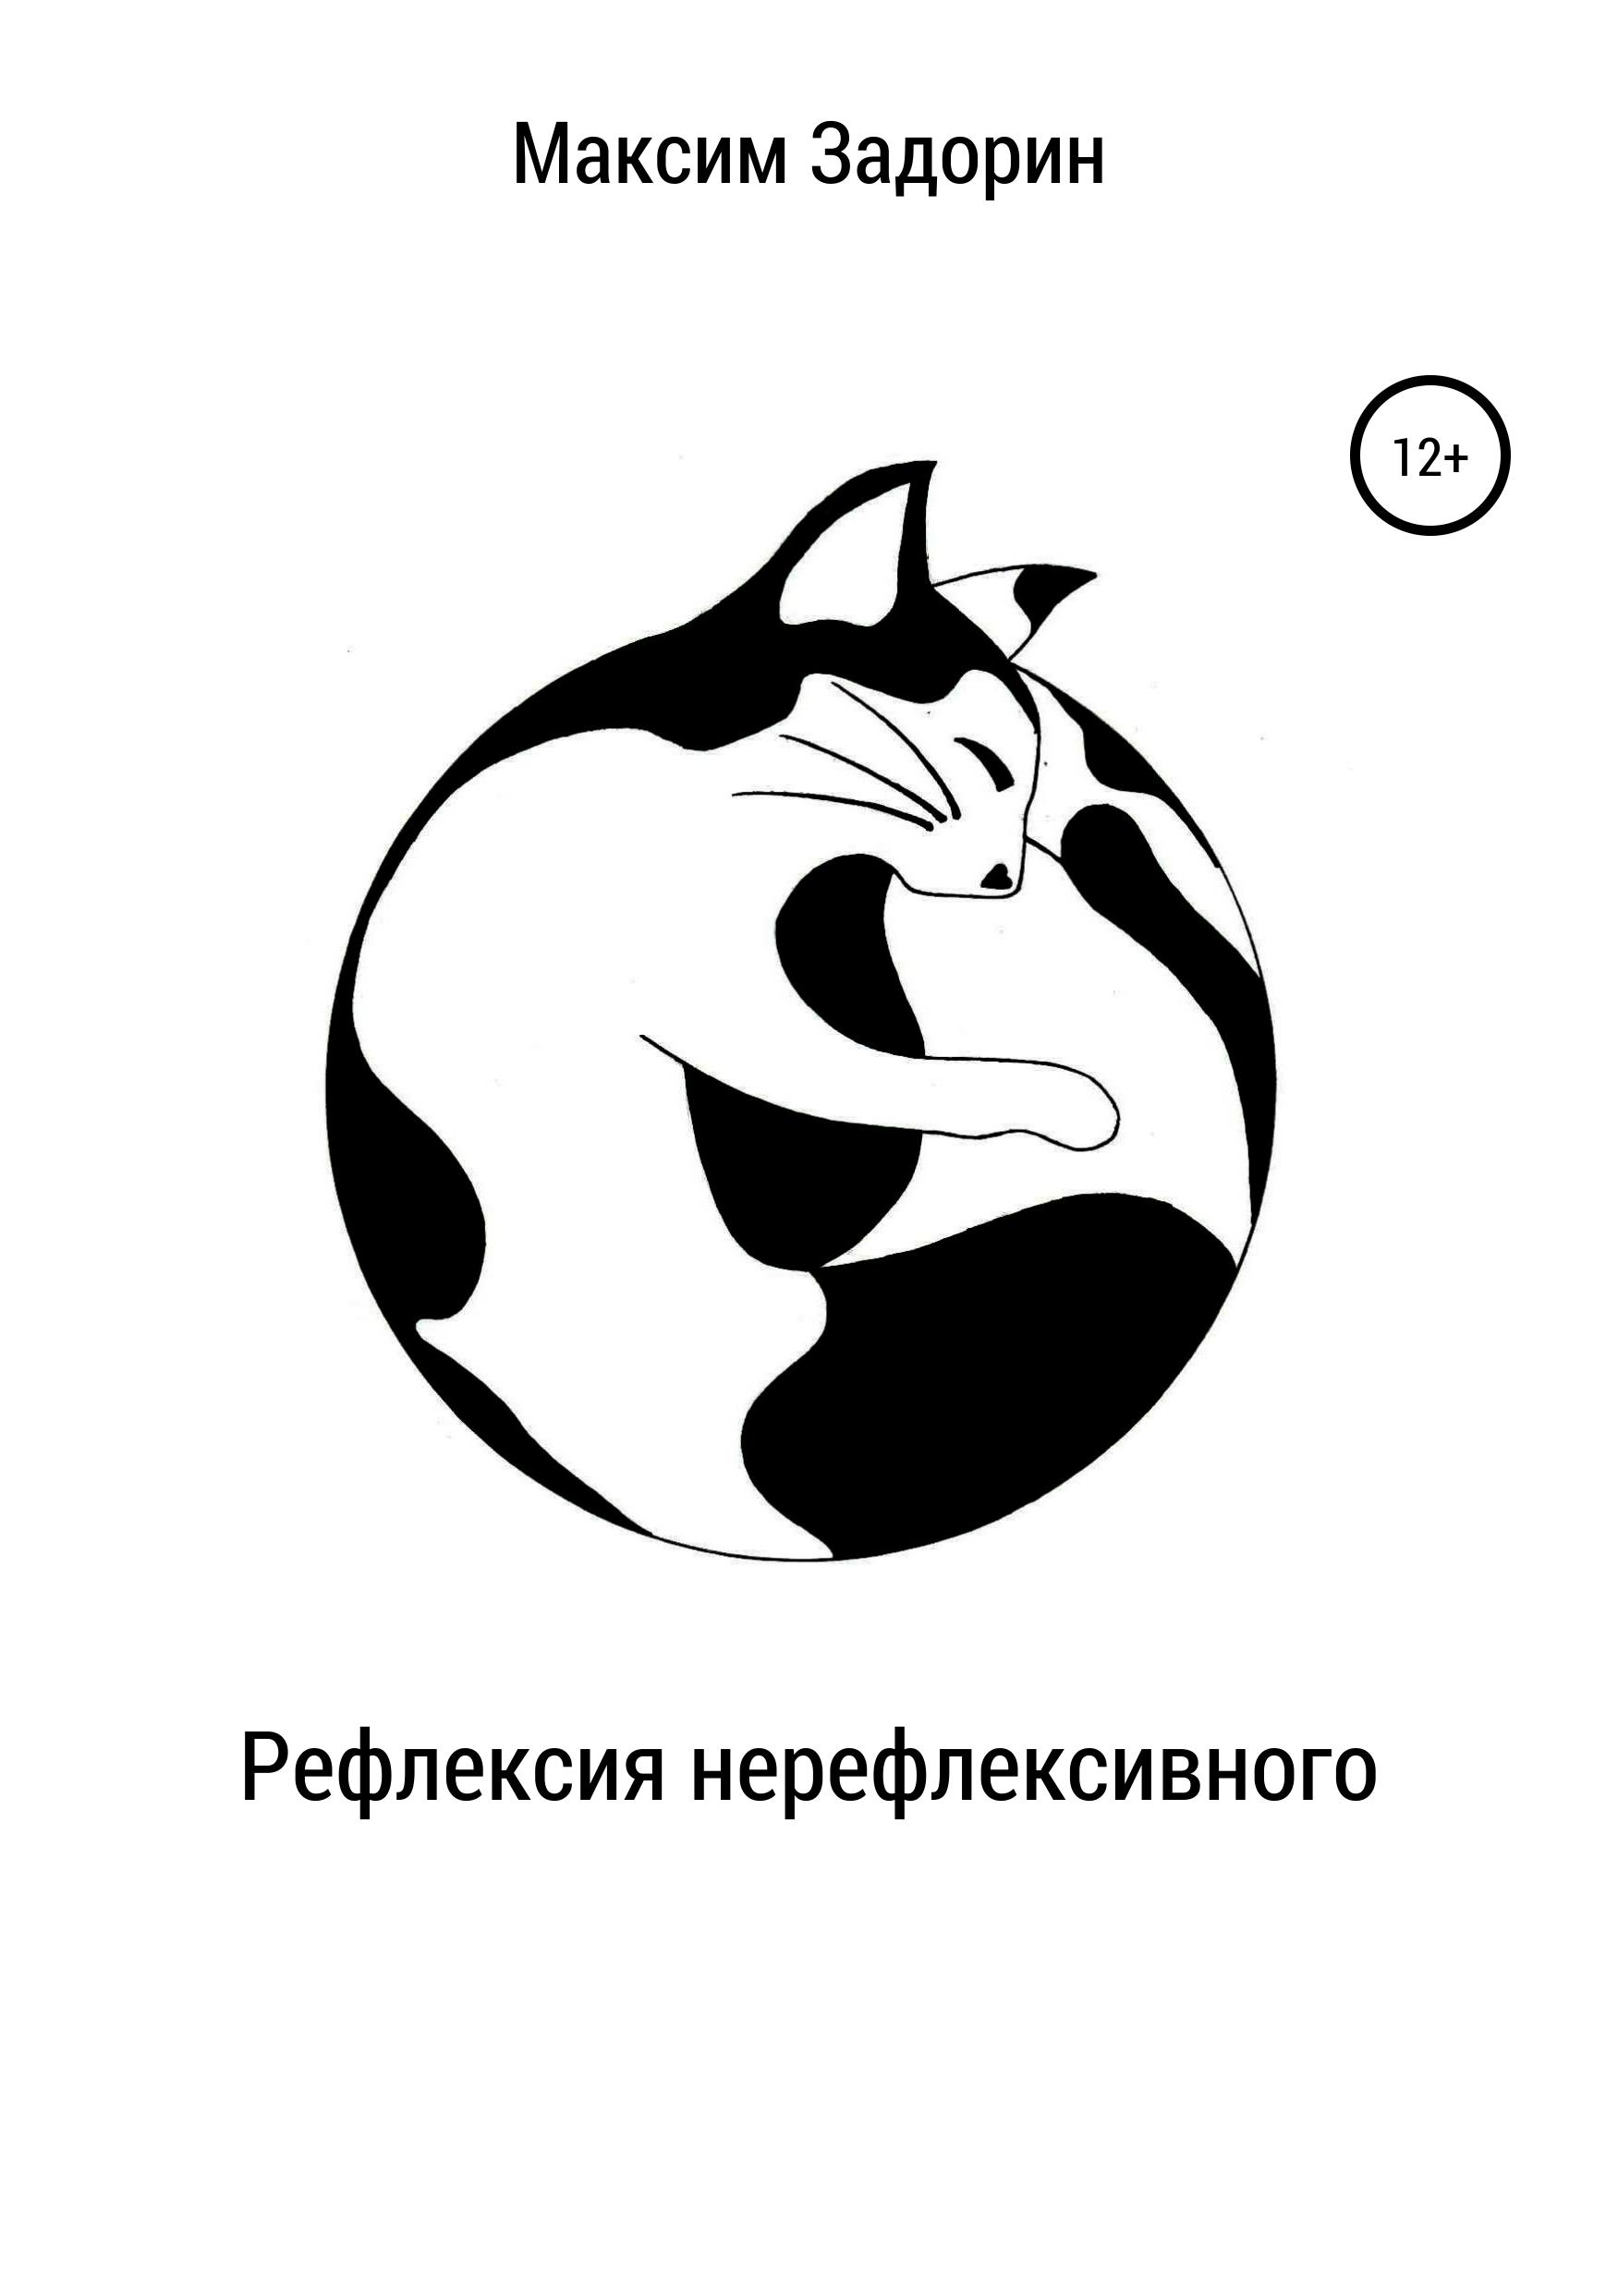 Максим Задорин Рефлексия нерефлексивного. Сборник рассказов